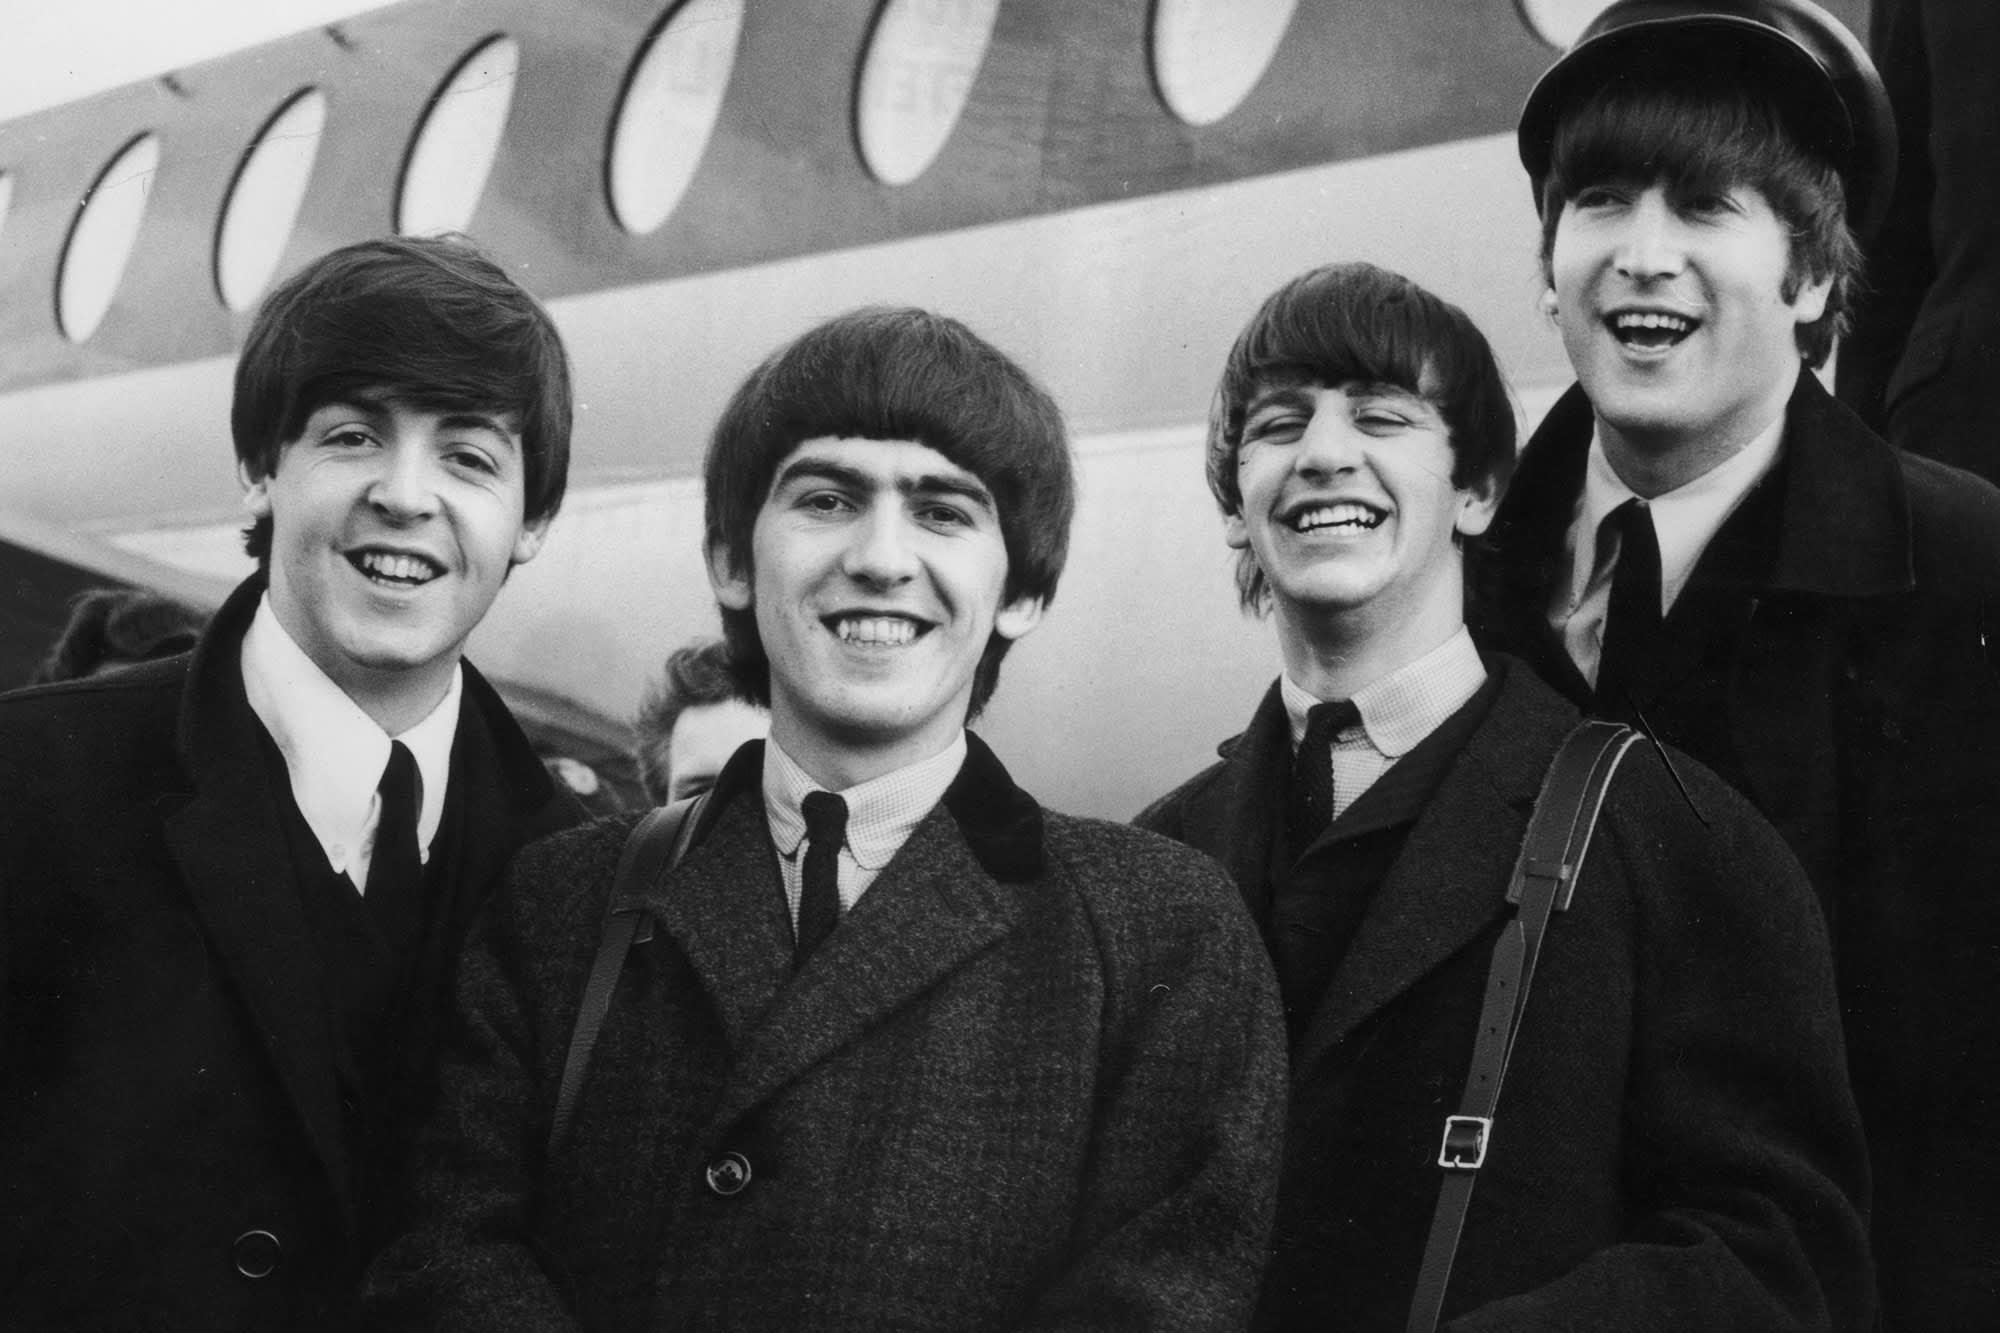 The Beatles remain a pop culture phenomenon even among Gen Z fans